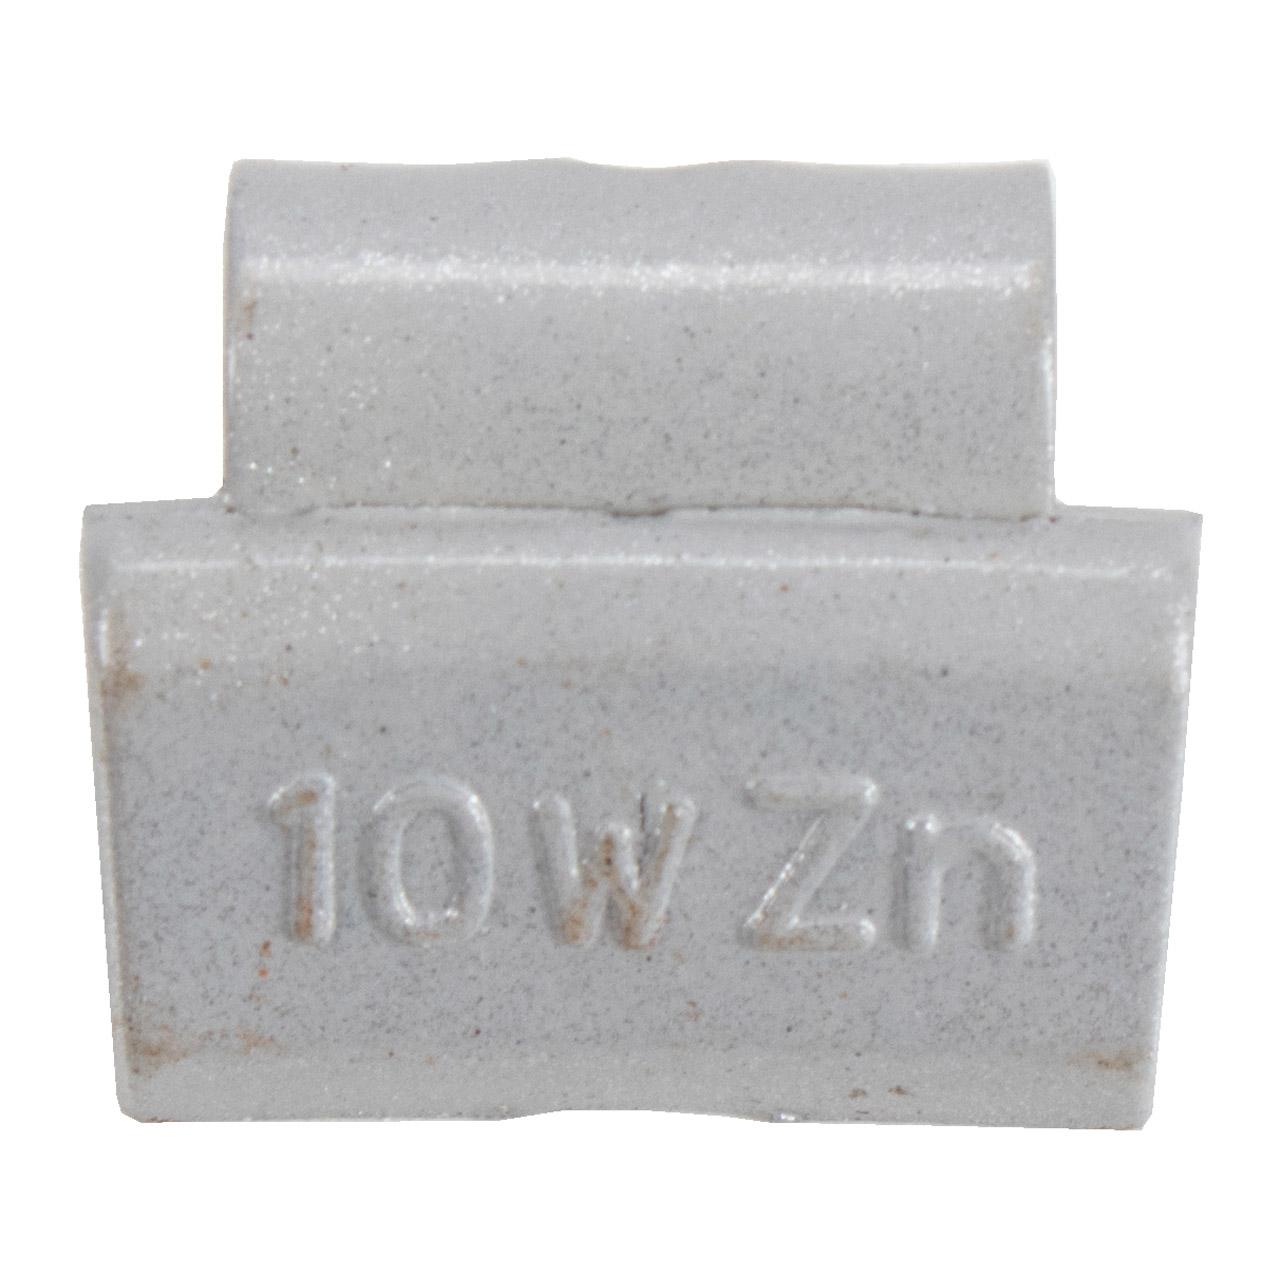 3x 100 Stück 5/10/15g GEMATIC Auswuchtgewicht Schlaggewicht Alufelge GRAU-ZINK